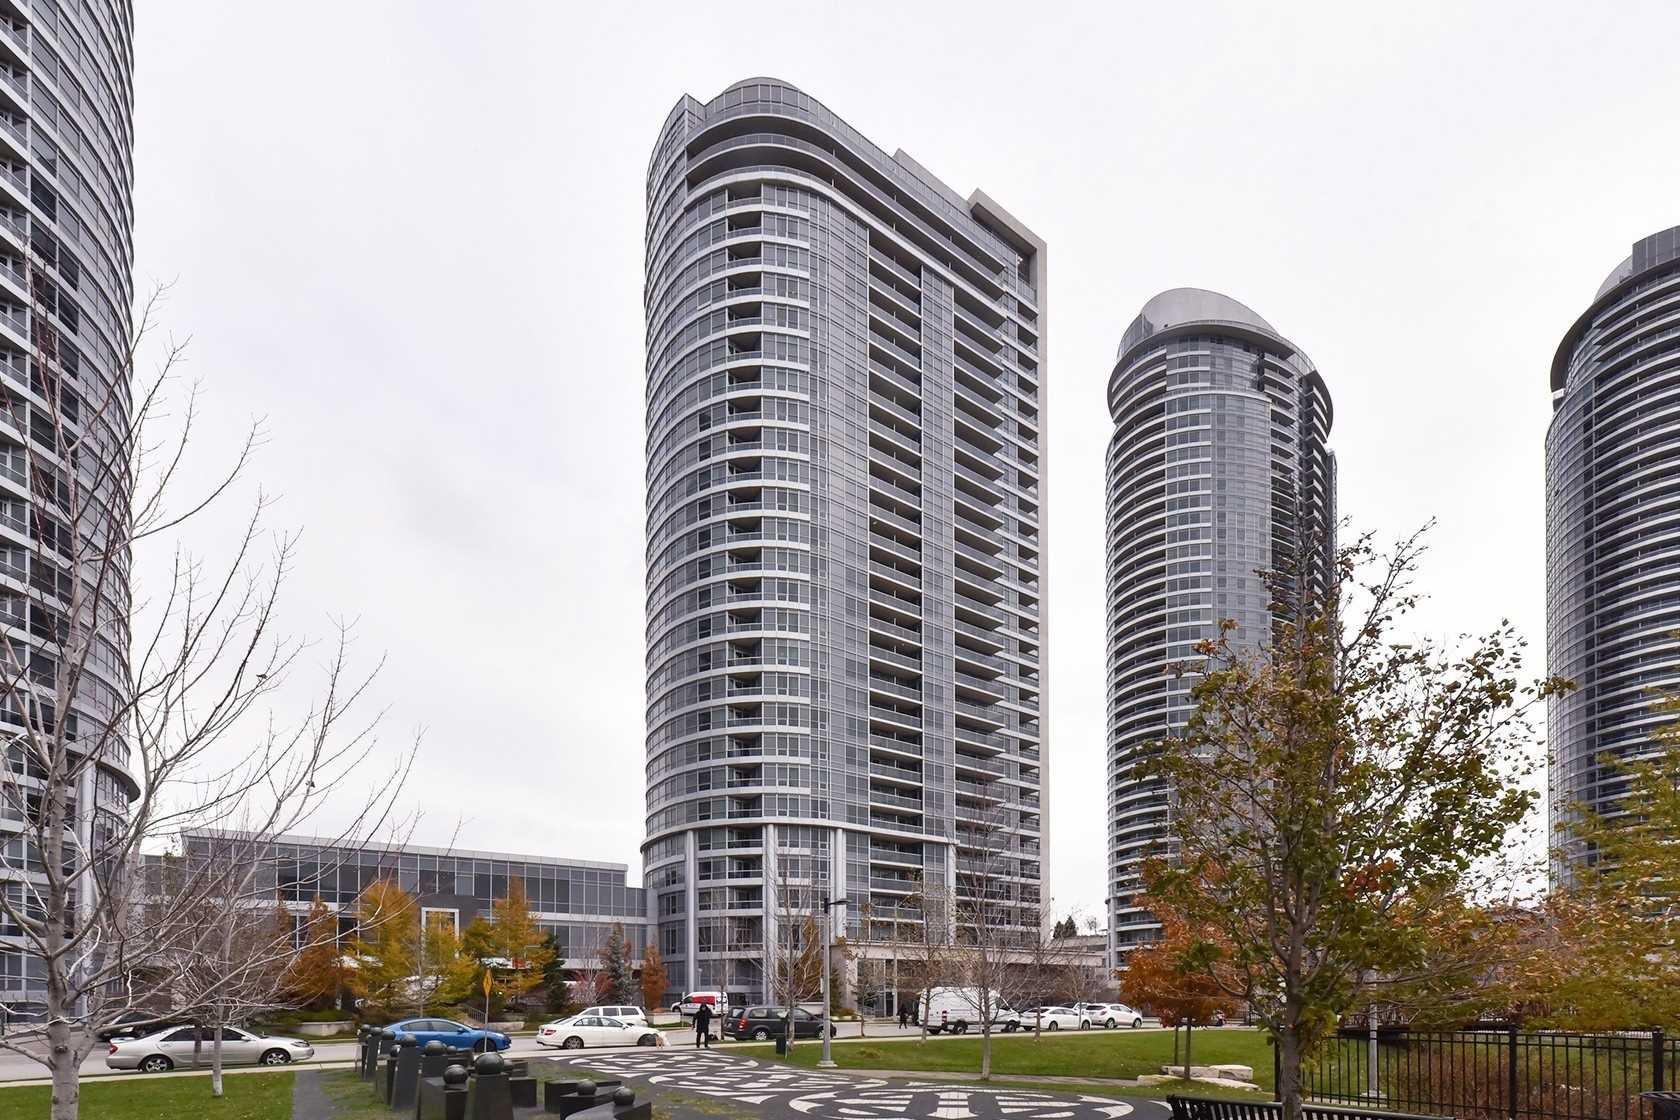 Main Photo: 1707 151 Village Green Square in Toronto: Agincourt South-Malvern West Condo for sale (Toronto E07)  : MLS®# E4304064